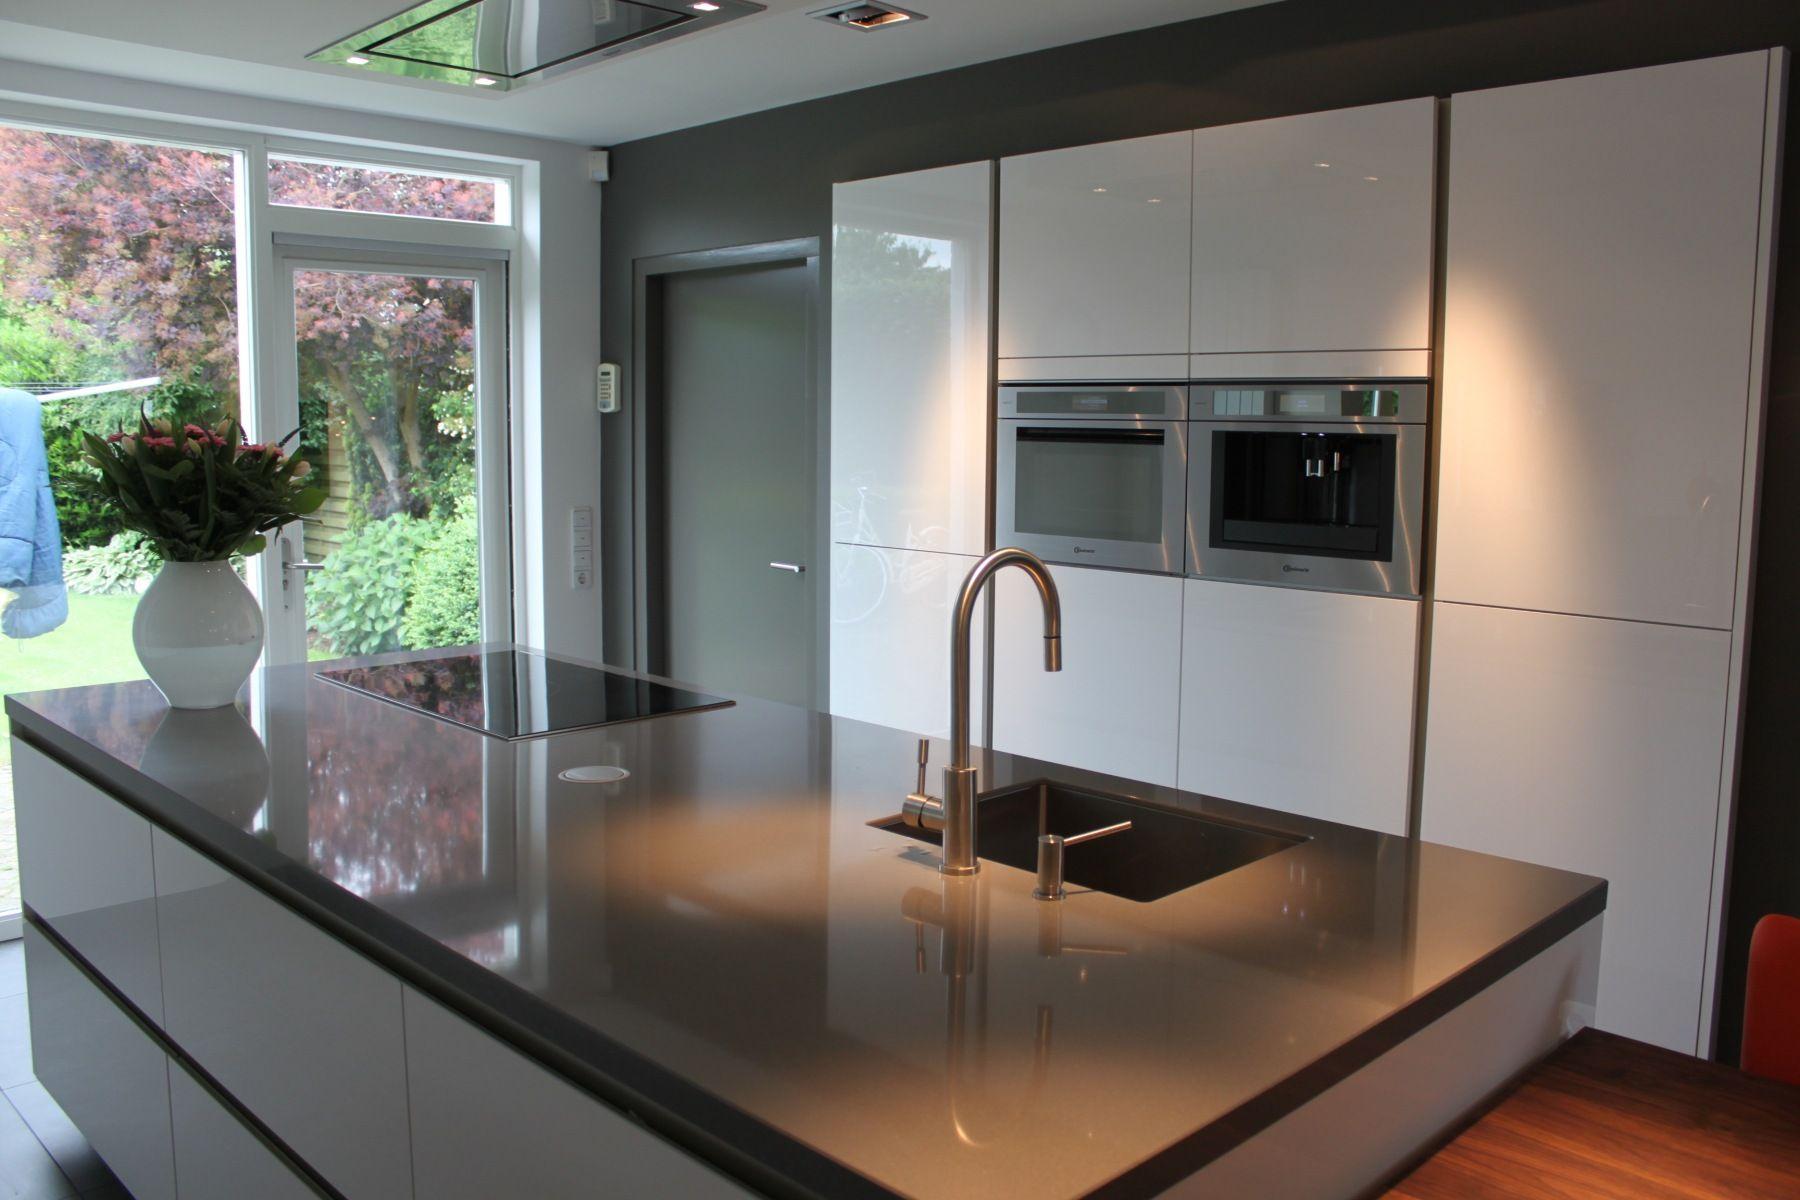 Keukenwand ingebouwd in muur kitchen in kitchen kitchen